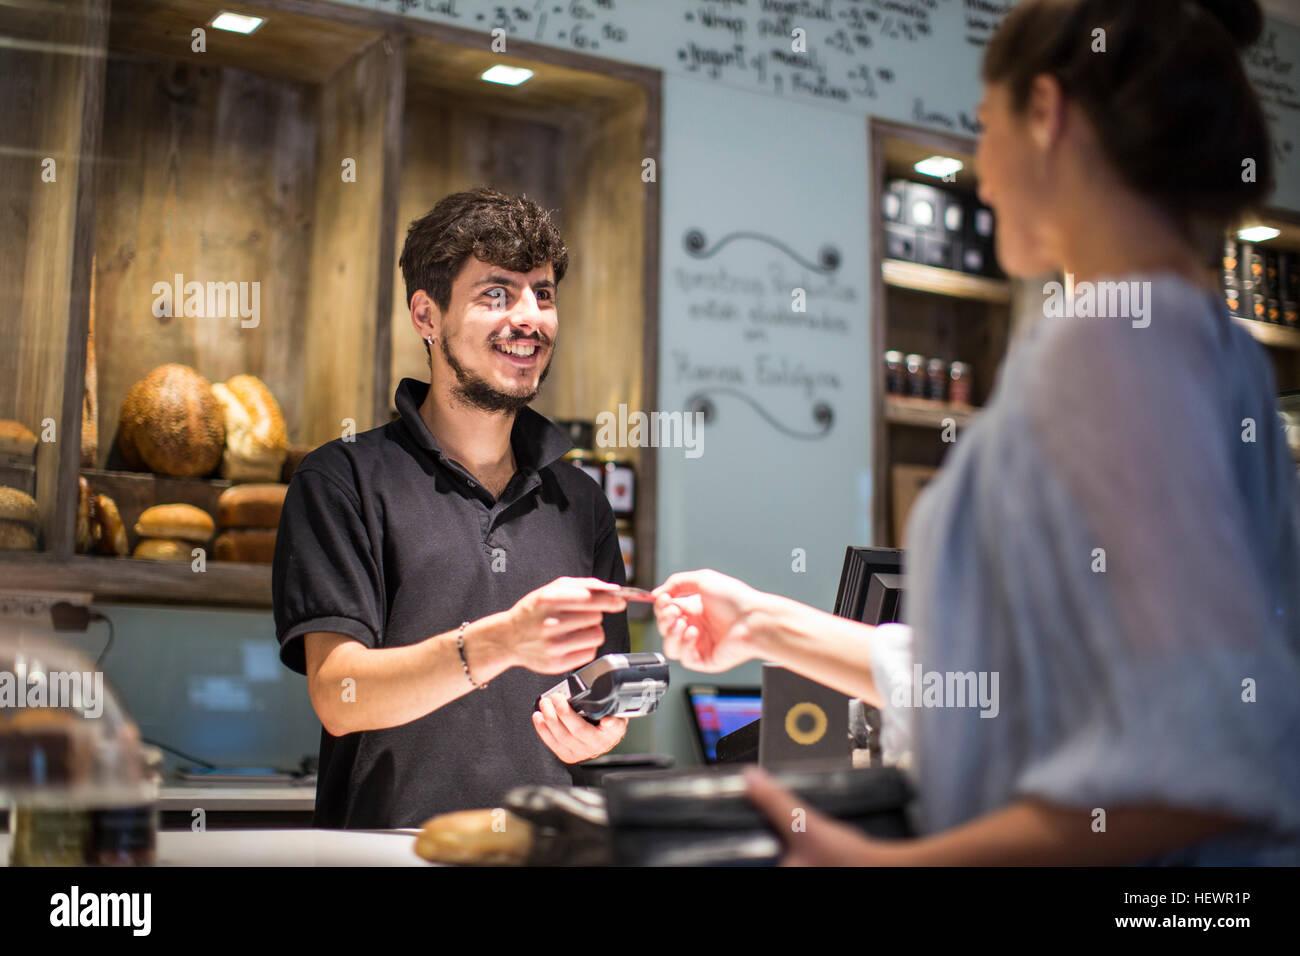 Barista consegnando la carta di credito al cliente femmina presso il cafe counter Immagini Stock